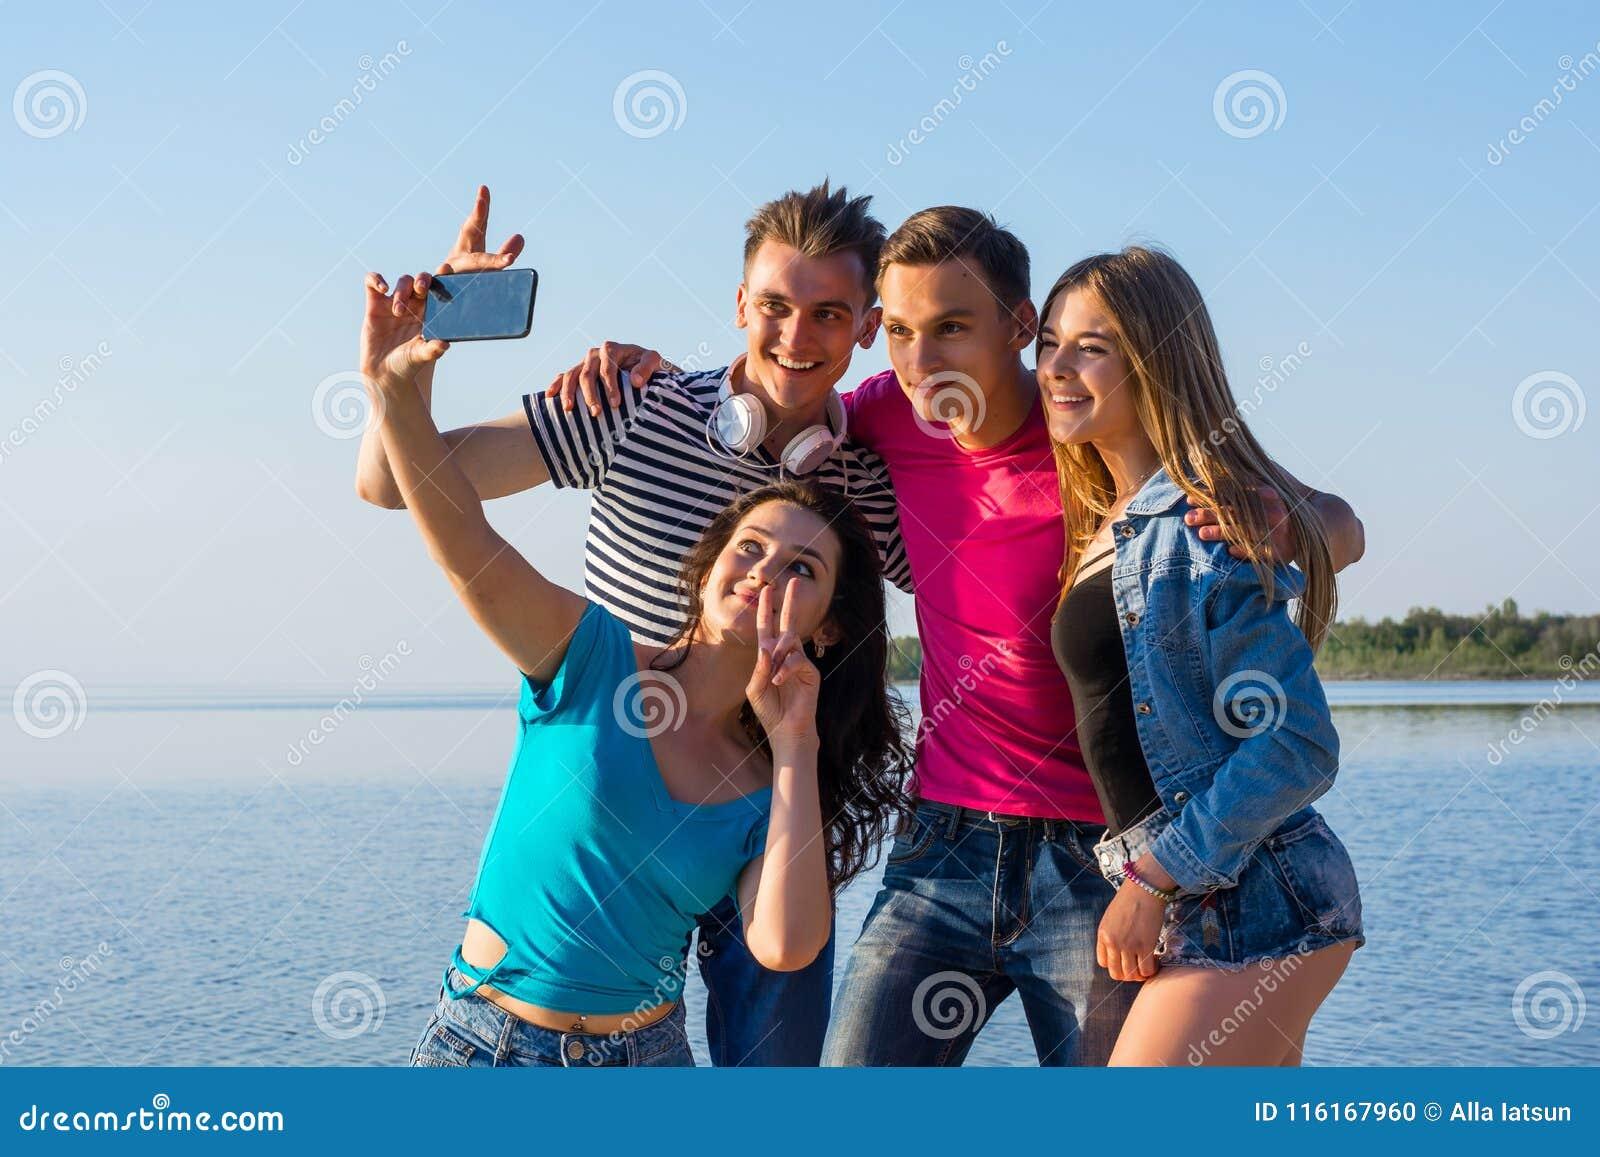 Красивых фото две женщины и парень девку